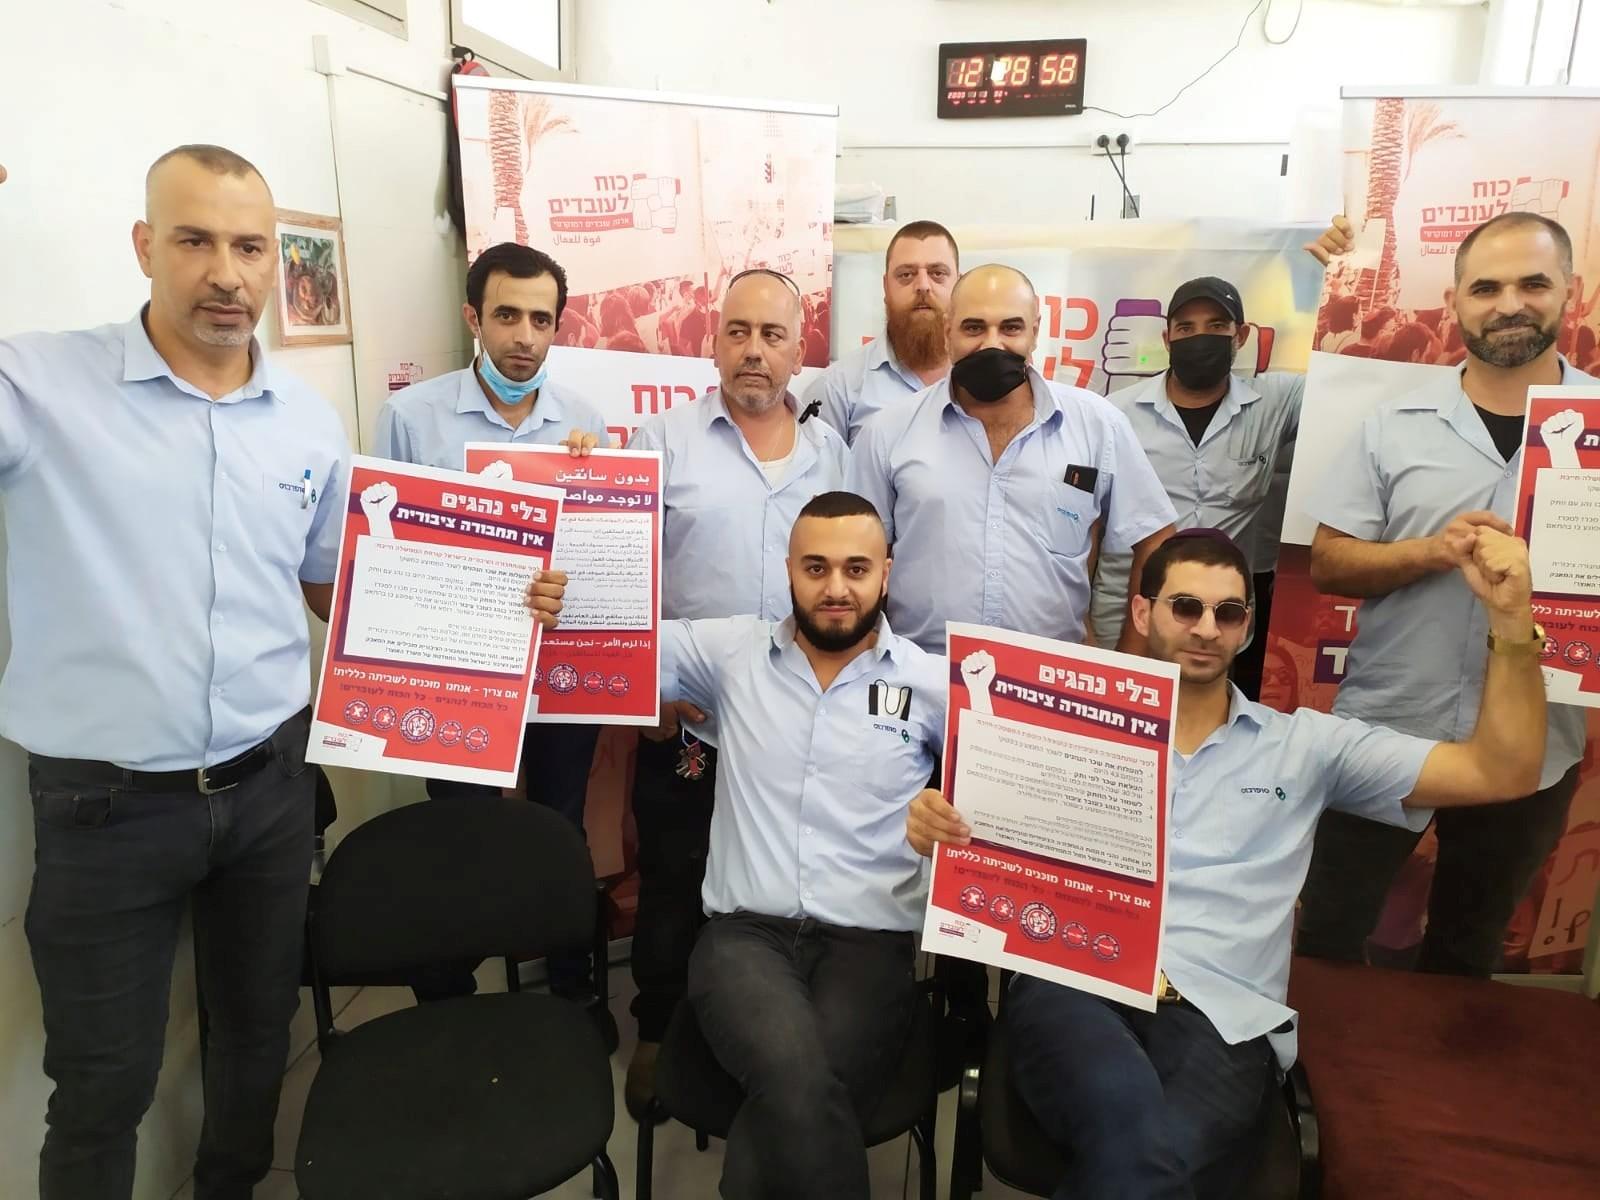 נהגים החברים בוועדי התחבורה הציבורית של כוח לעובדים הפגינו בירושלים